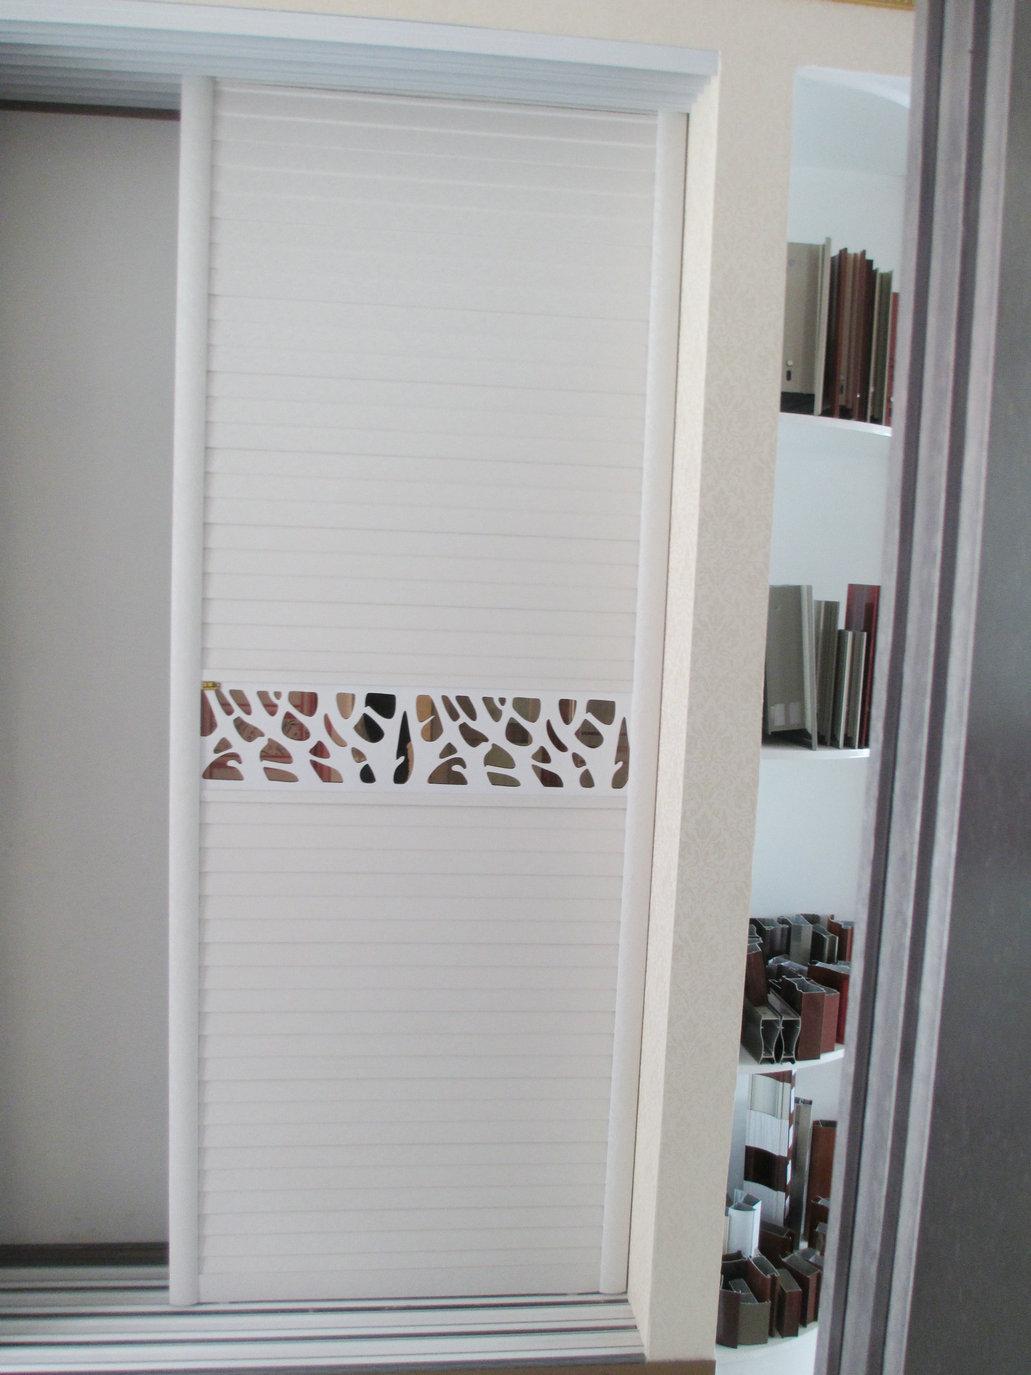 布衣柜花纹图案